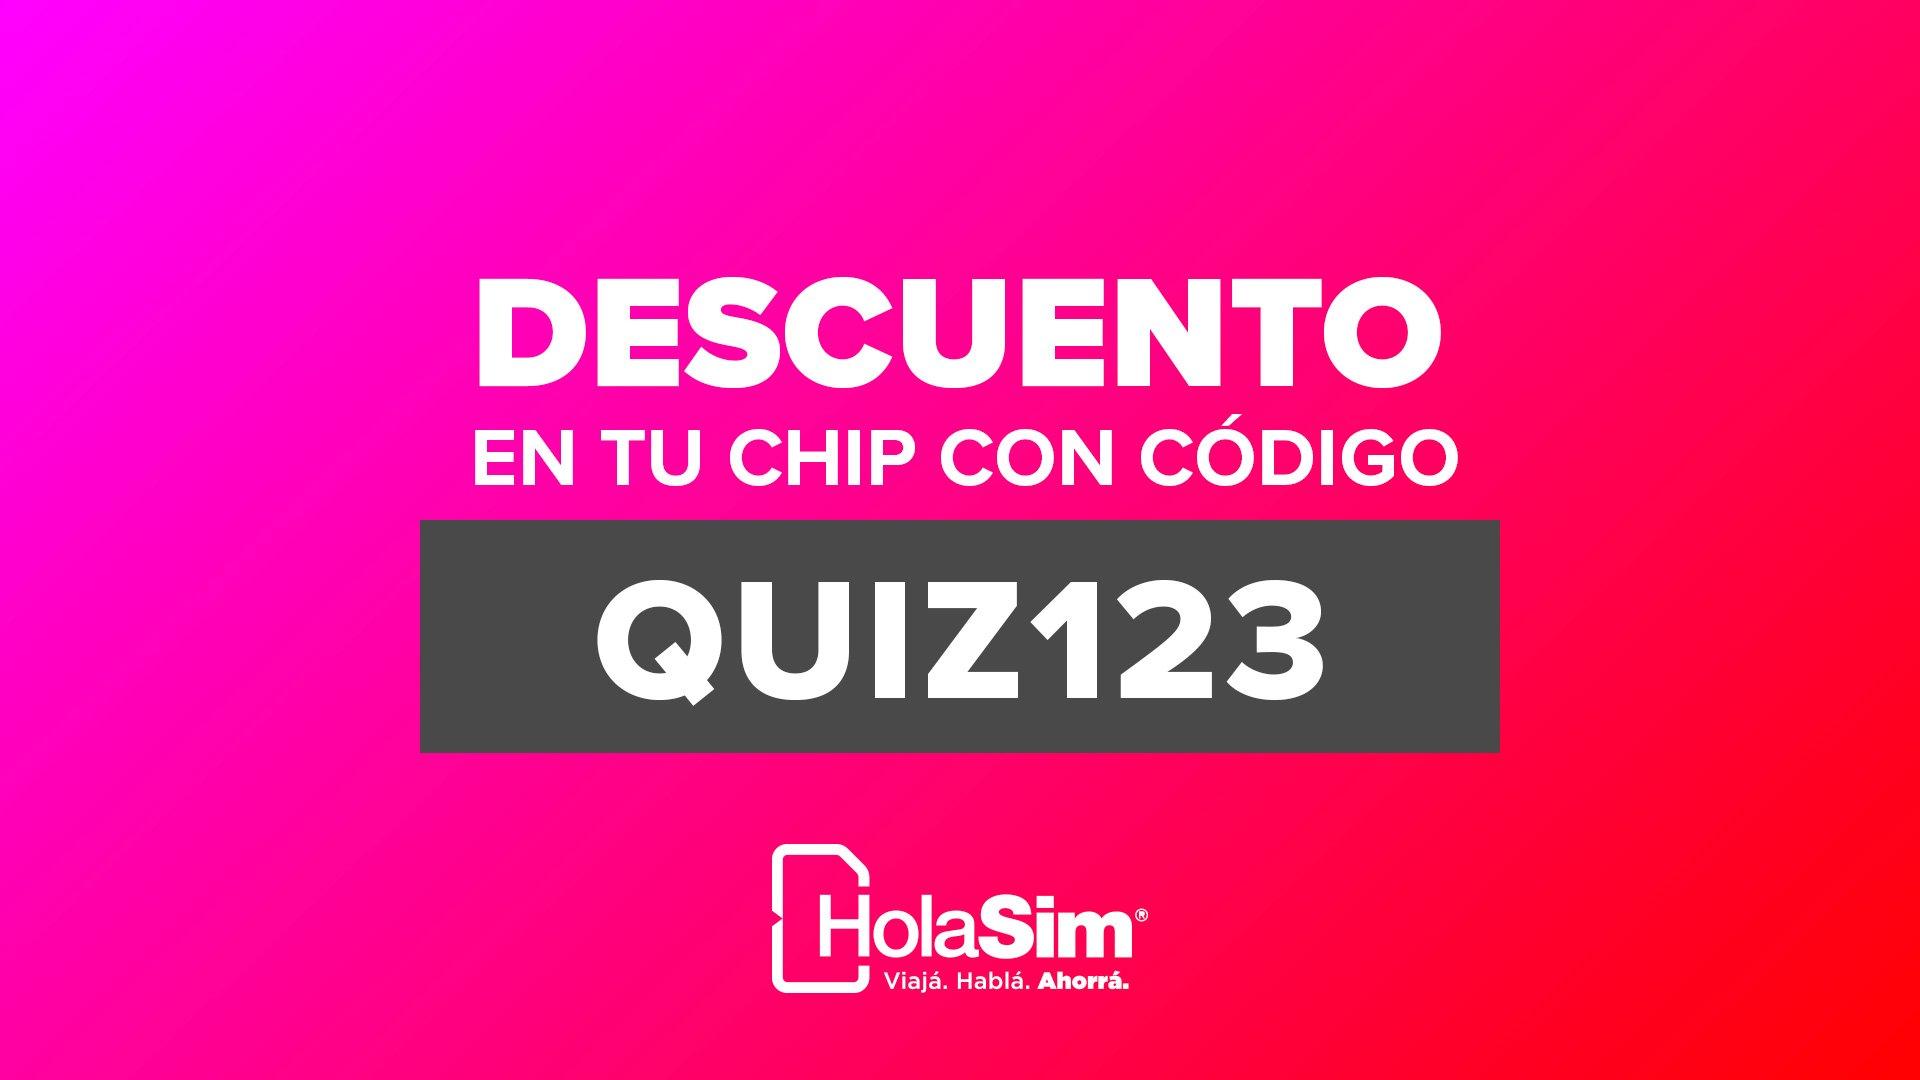 Descuento en Chip HolaSIM con codigo QUIZ123